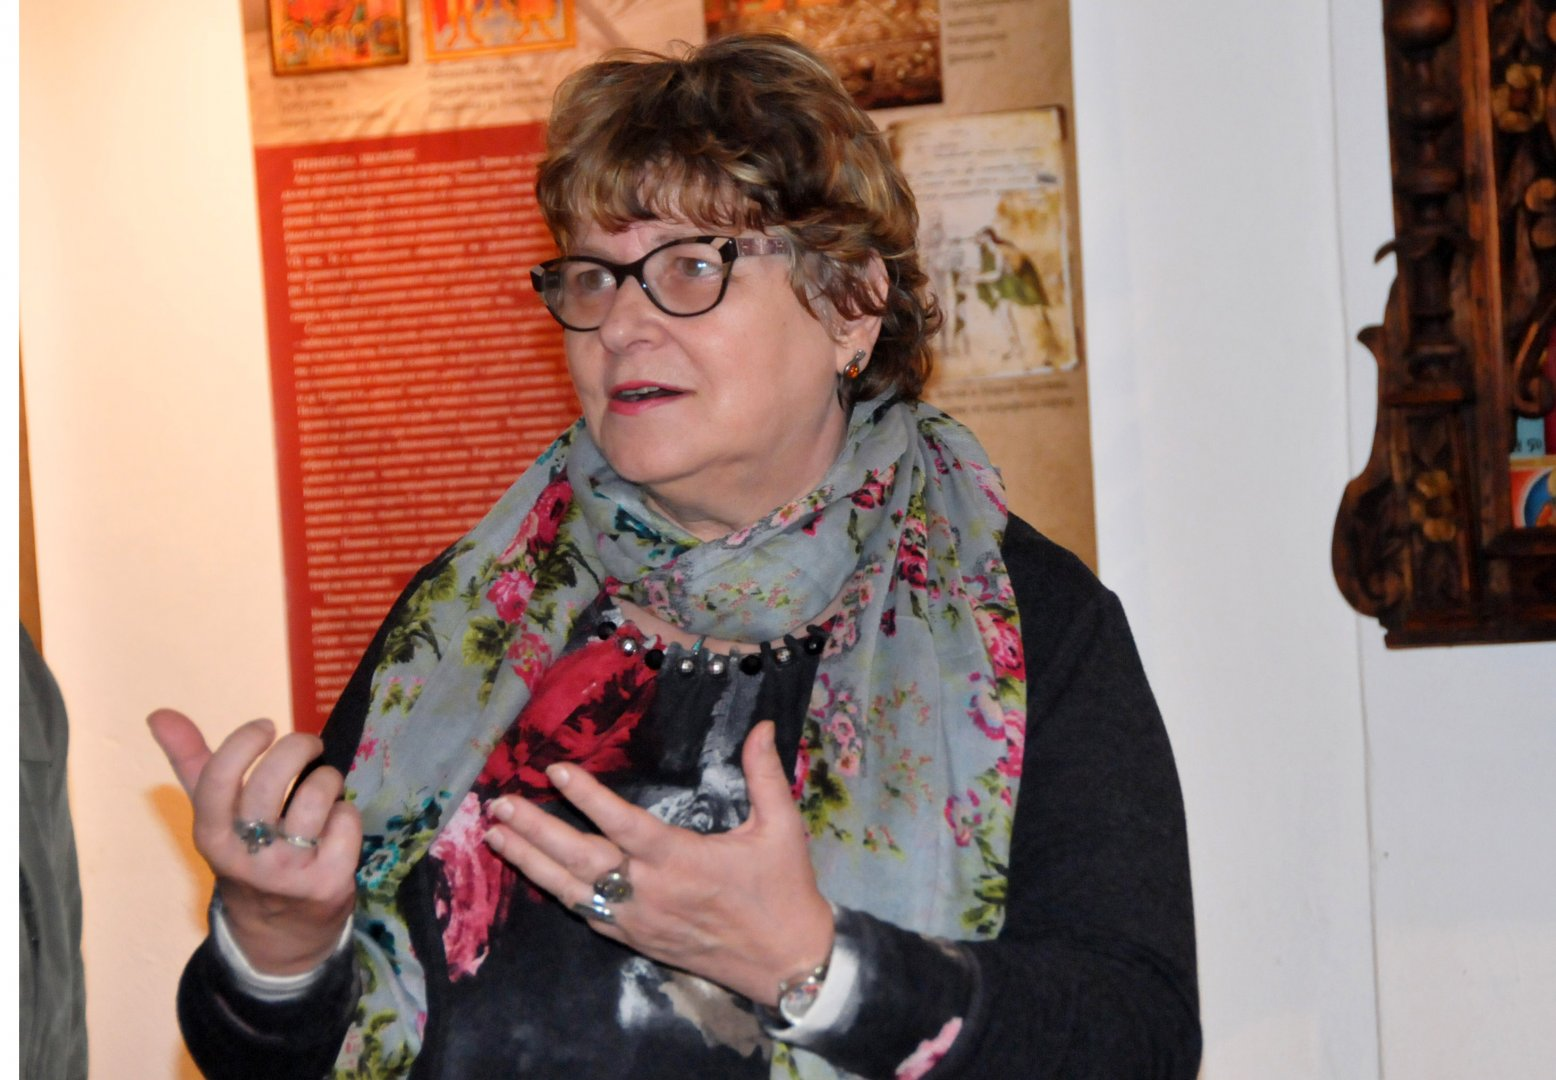 Люба Цанева е един от авторите в изложбата, която гостува в Бургас. Снимки Лина Главинова